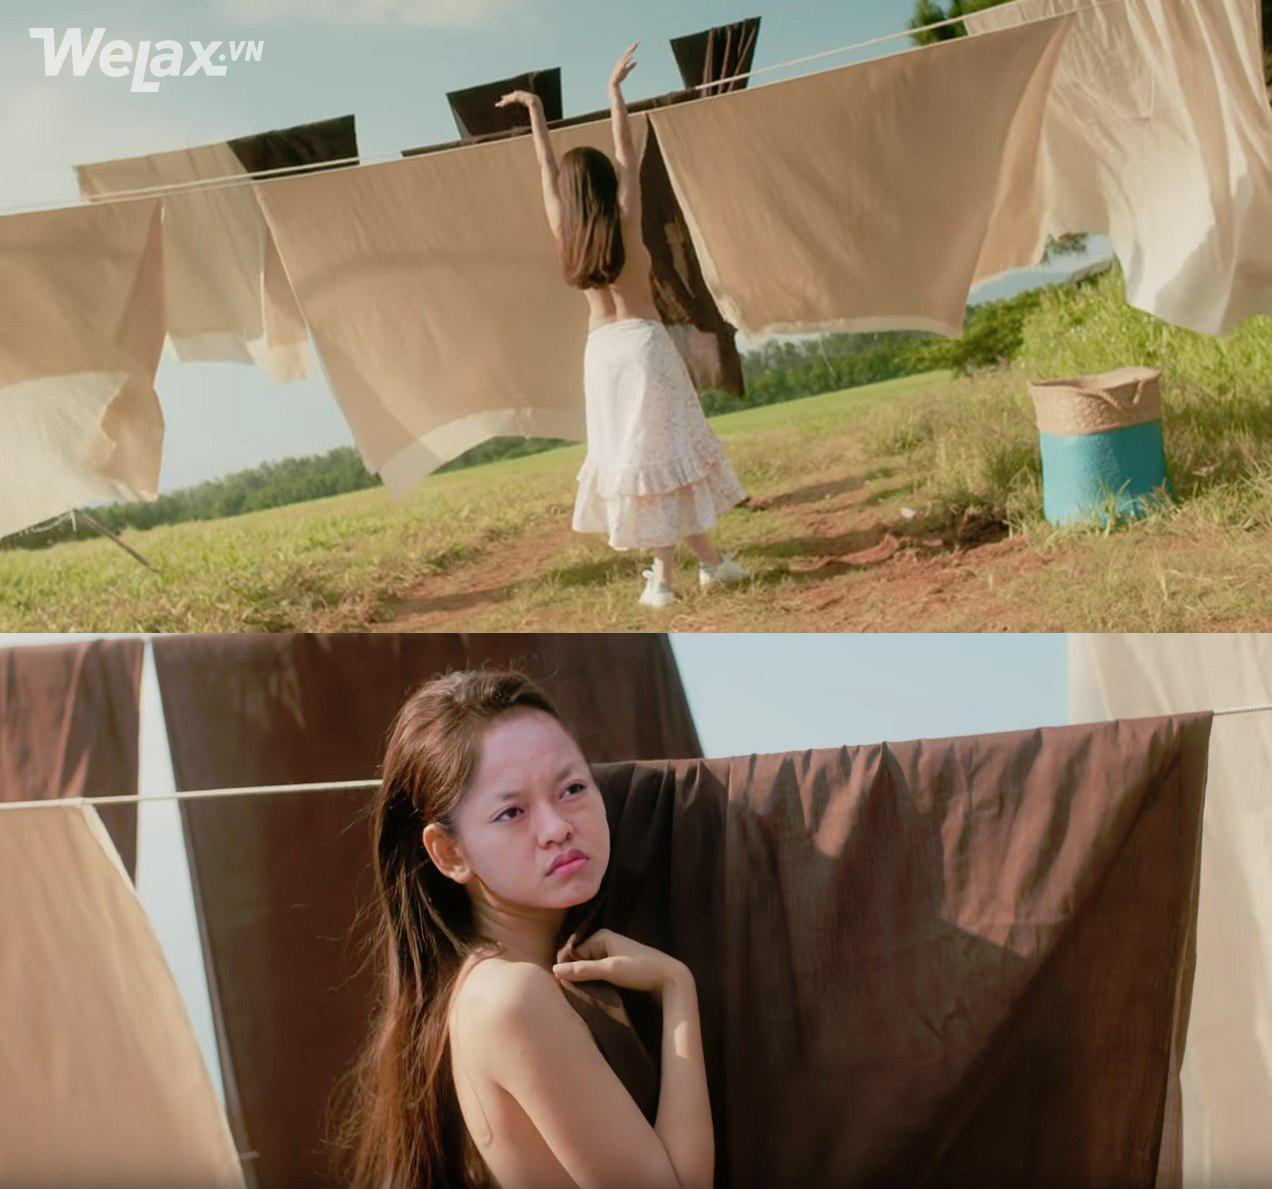 Có bao giờ bạn tưởng tượng nhìn Mai Ngô như thế nào trong MV 16+ của Chi Pu chưa? - Ảnh 4.